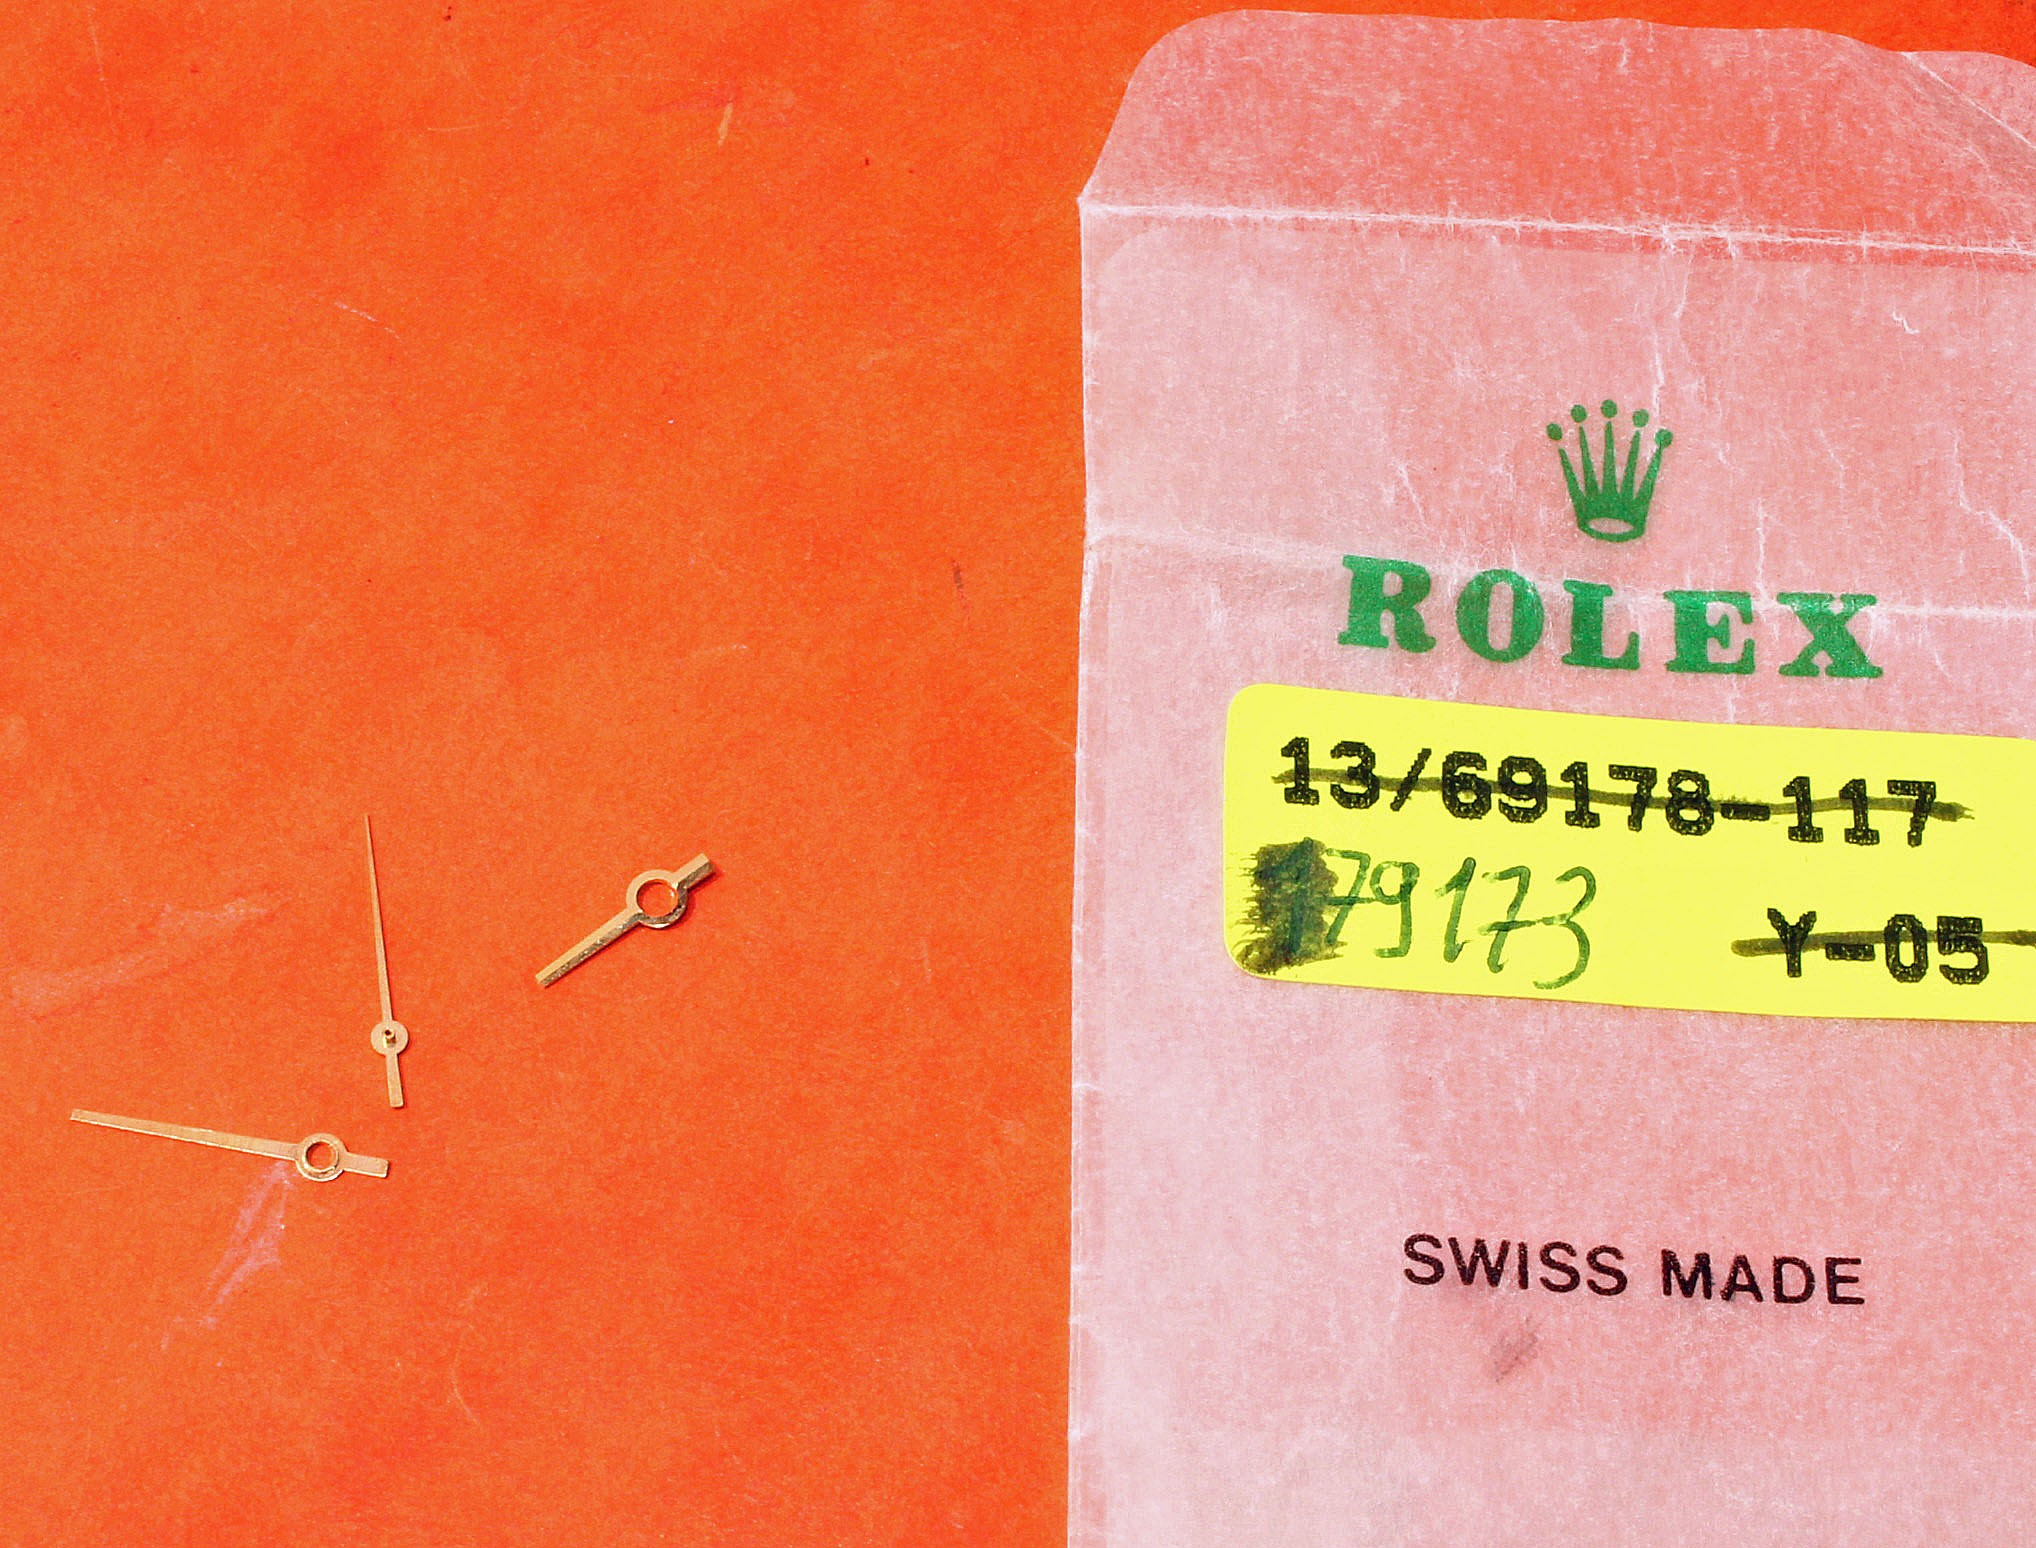 ORIGINAL ROLEX WATCH HANDS LADIES DATEJUST ROLEX 2030-2035 SILVER